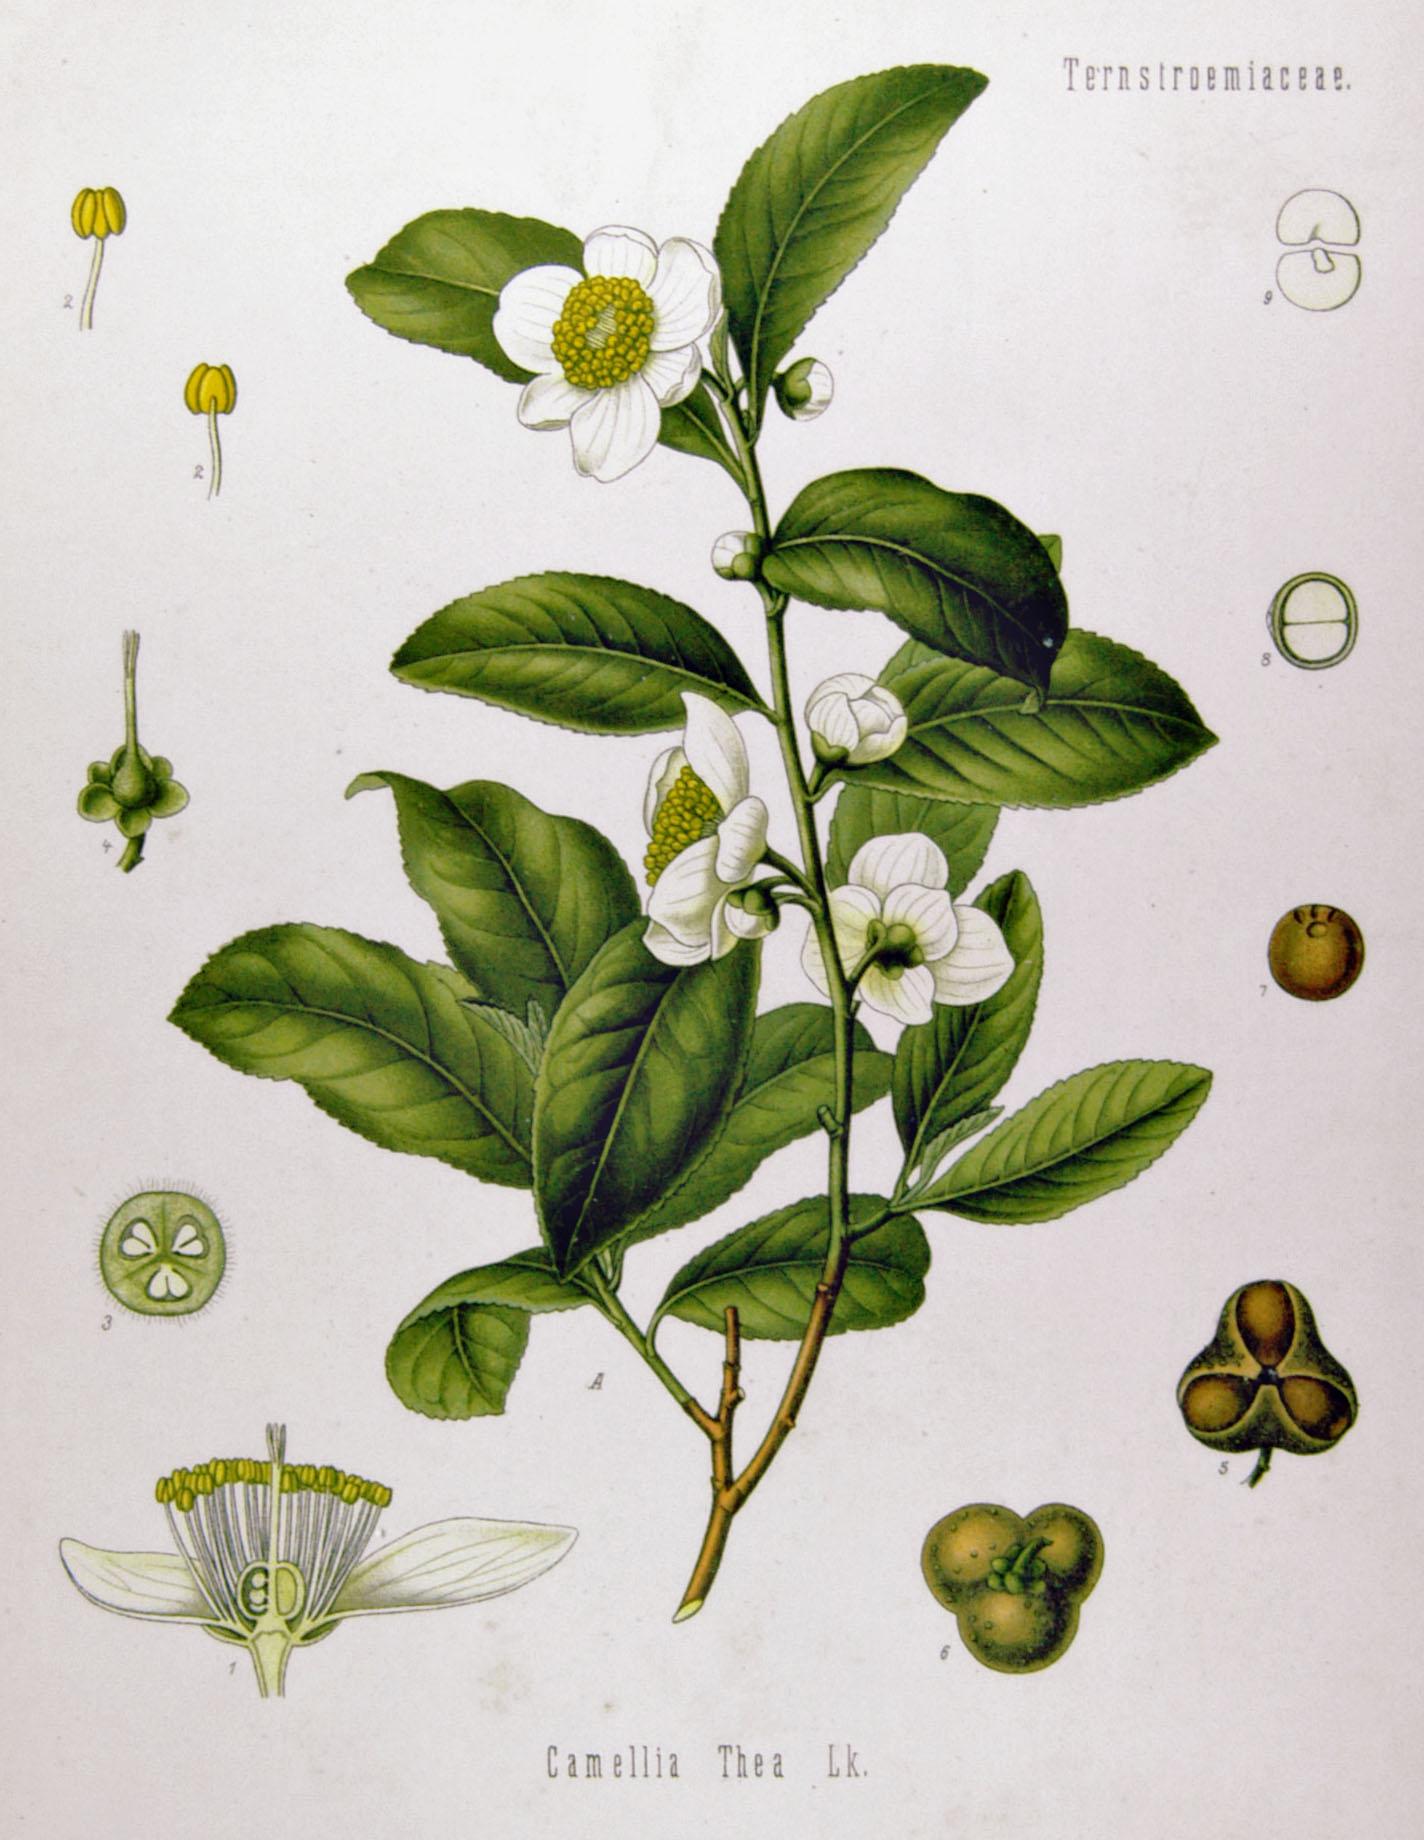 Camellia Sinensis o Planta de Té: cultivo, cuidados y cosecha